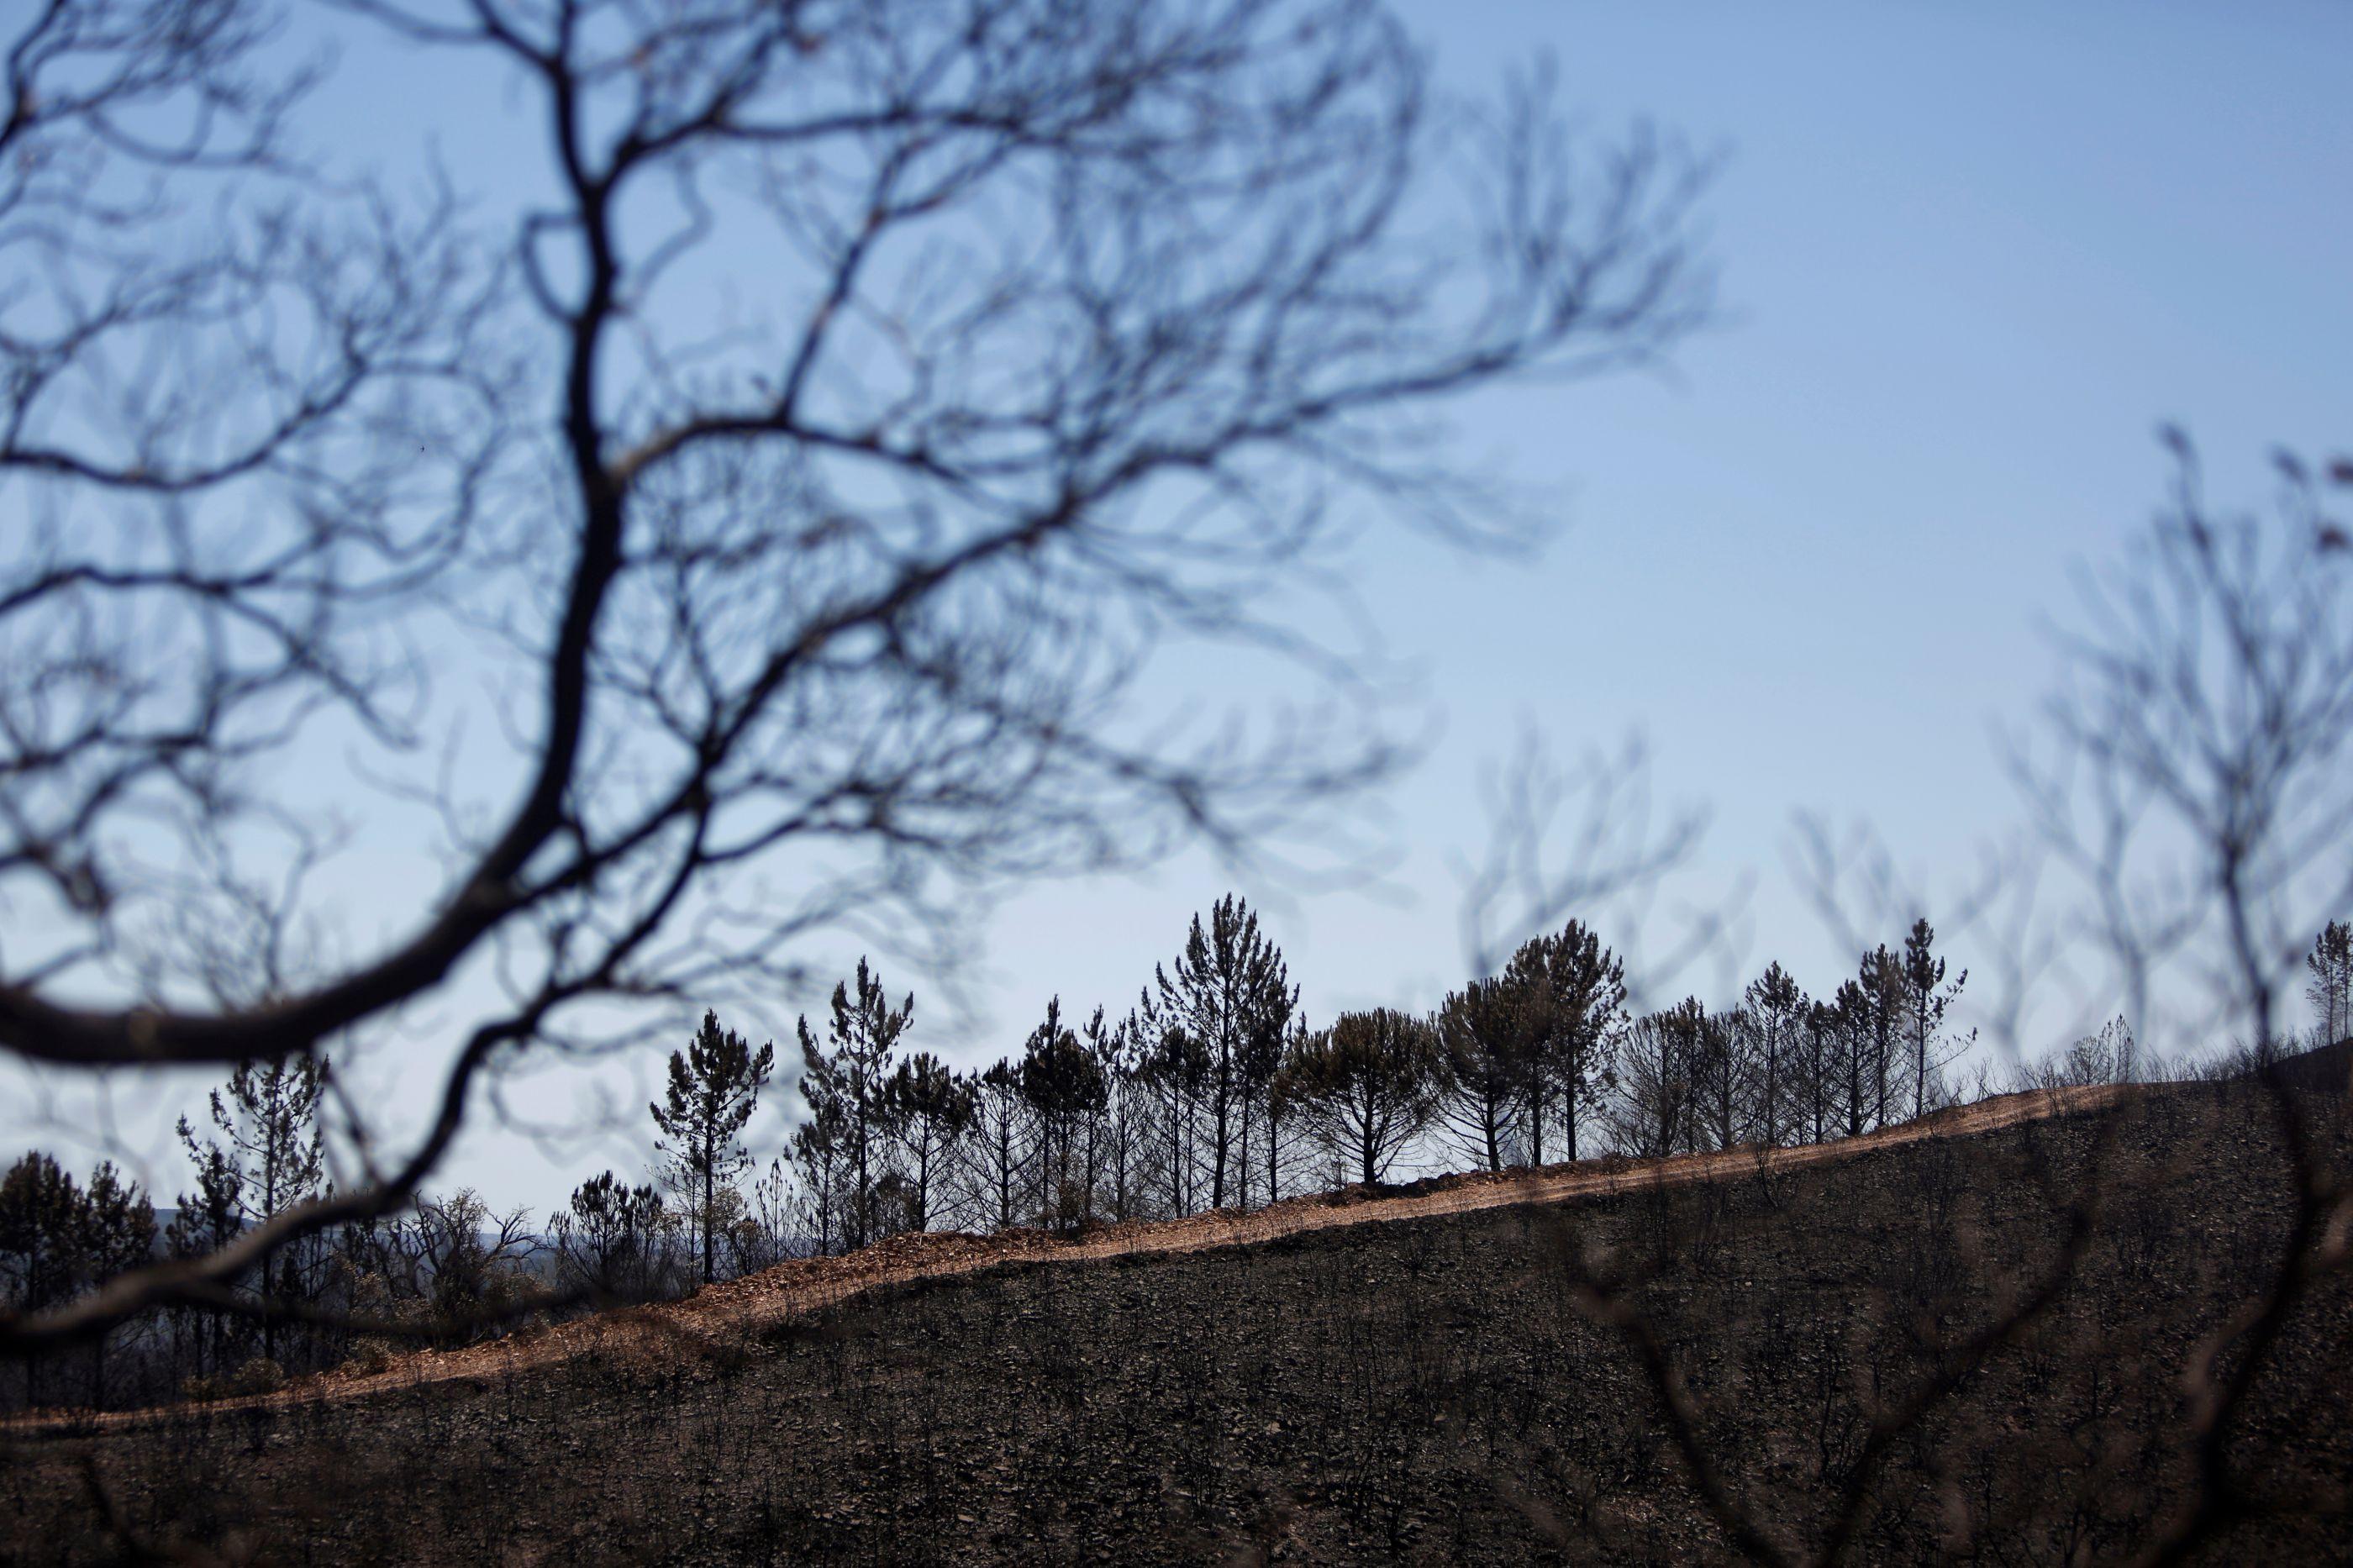 Produtores florestais reclamam mais dinheiro na serra de Monchique